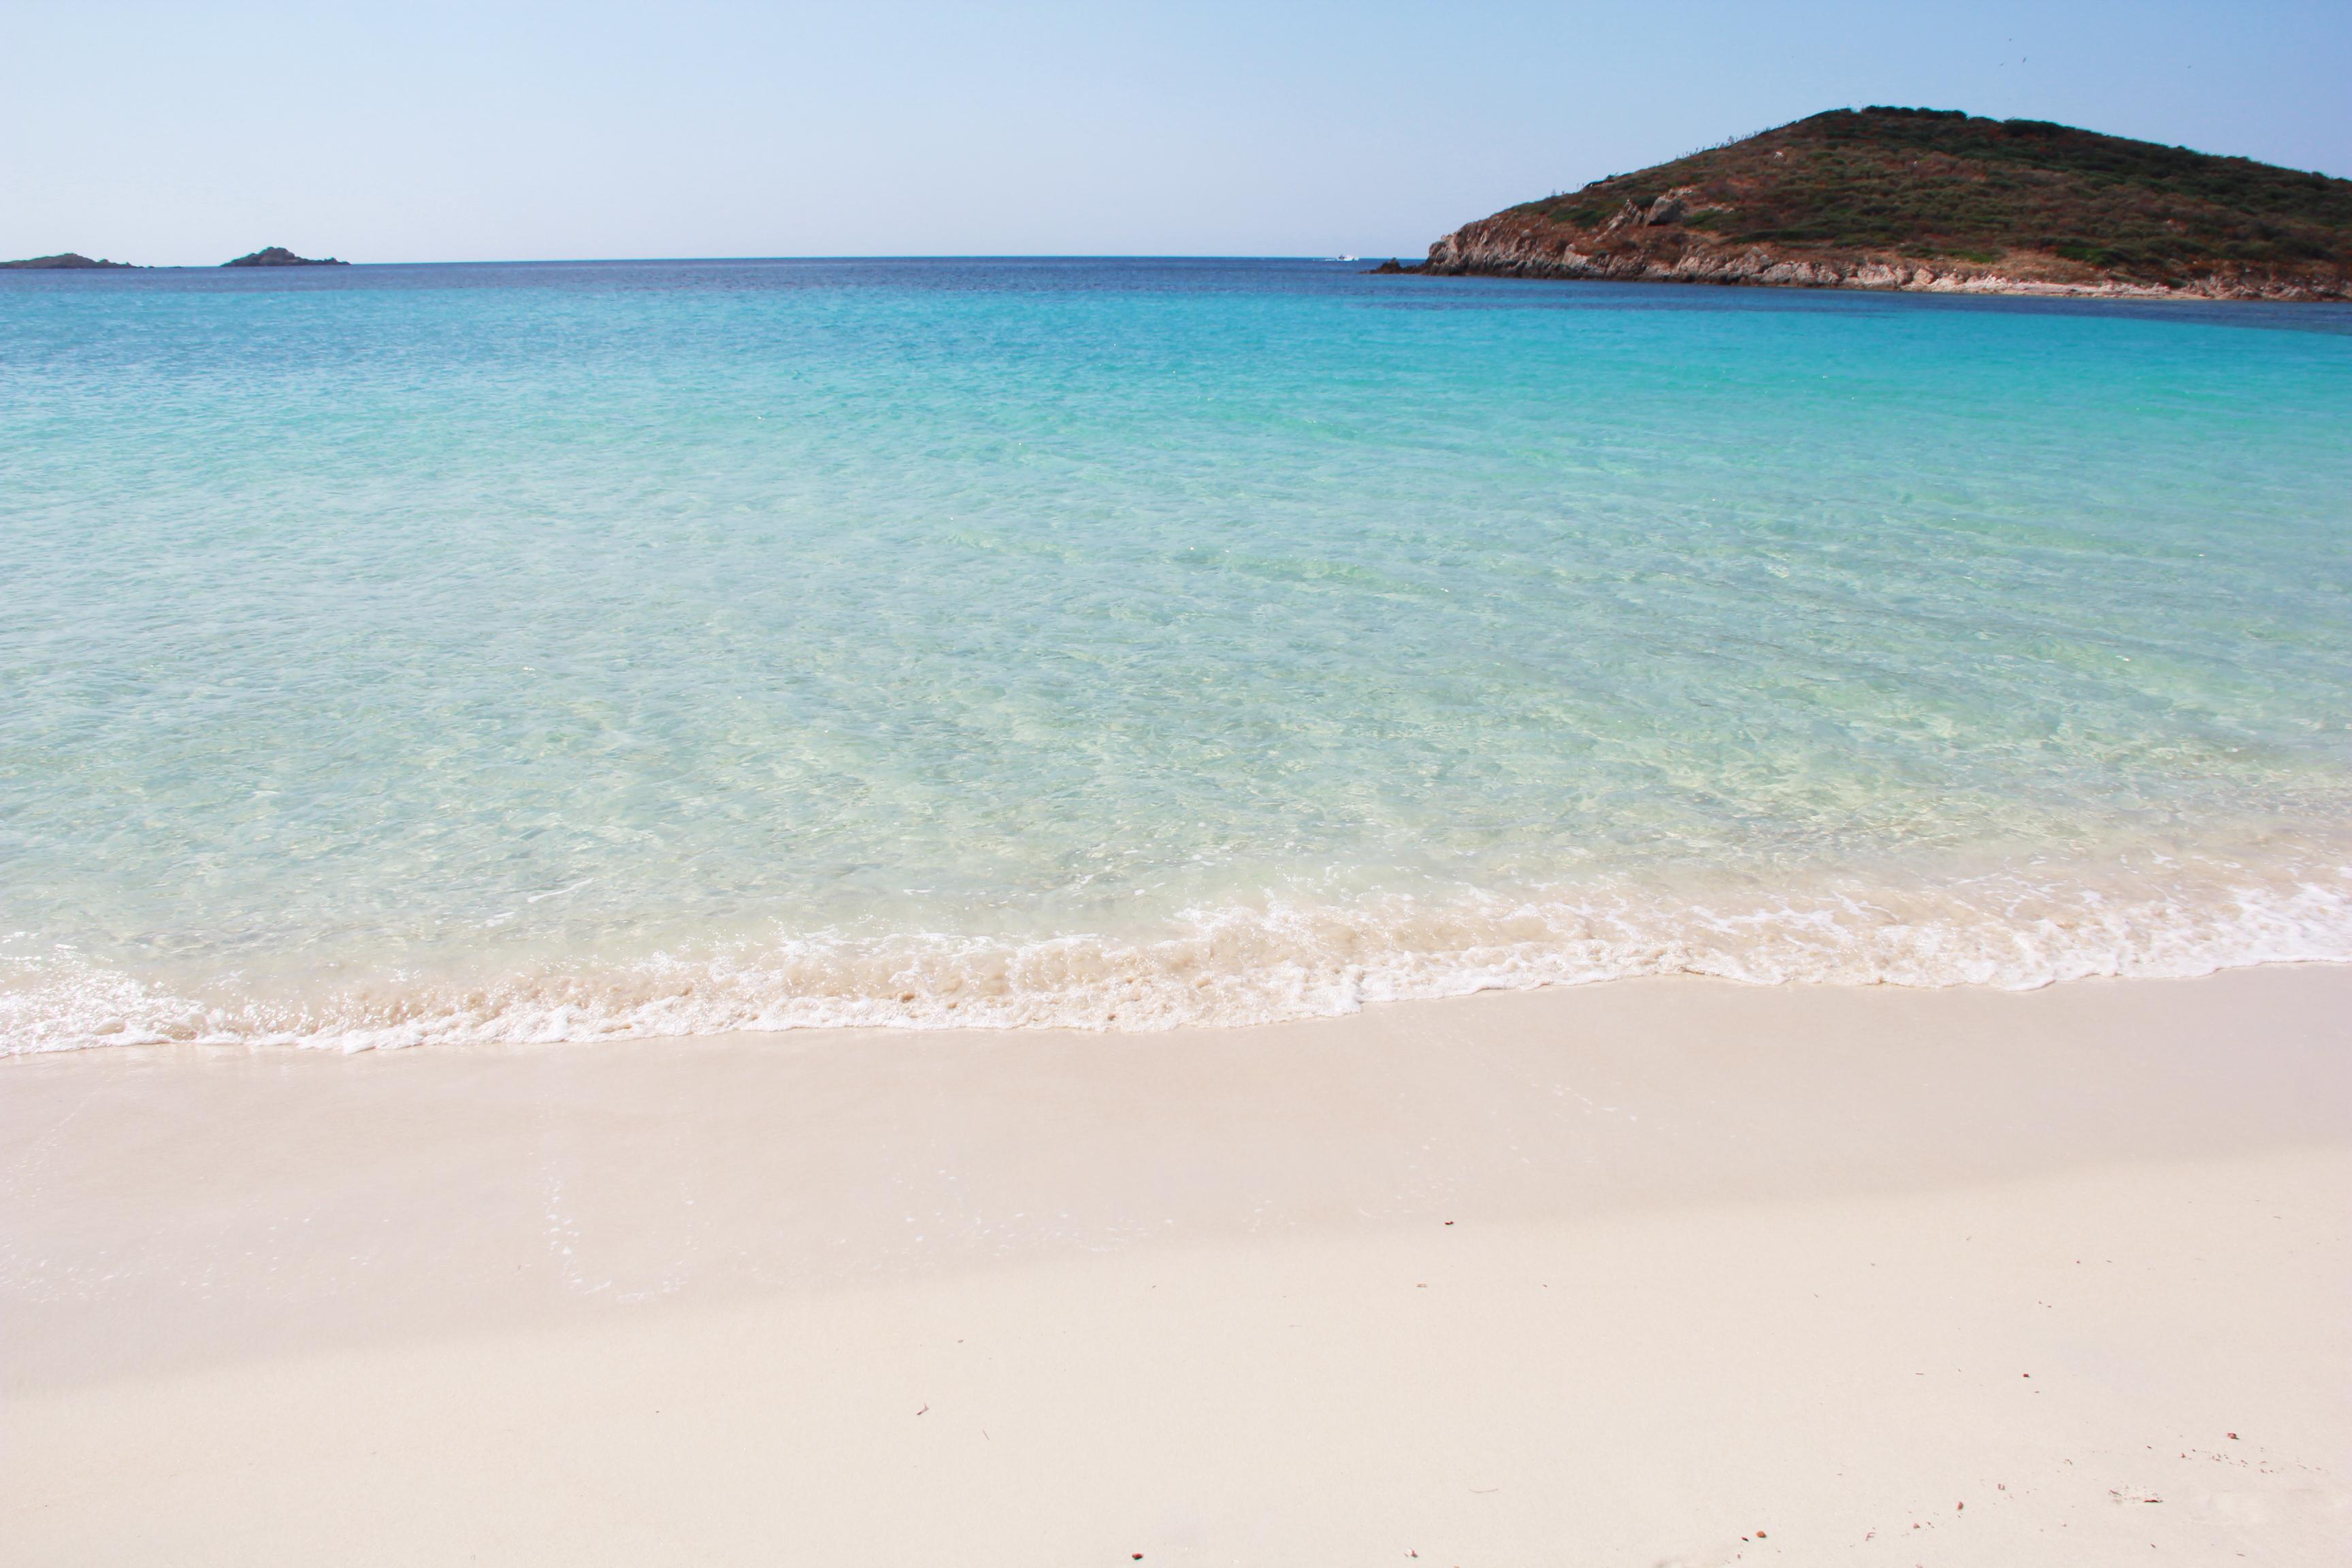 chia spiaggia di tuerredda Prov. di Cagliari